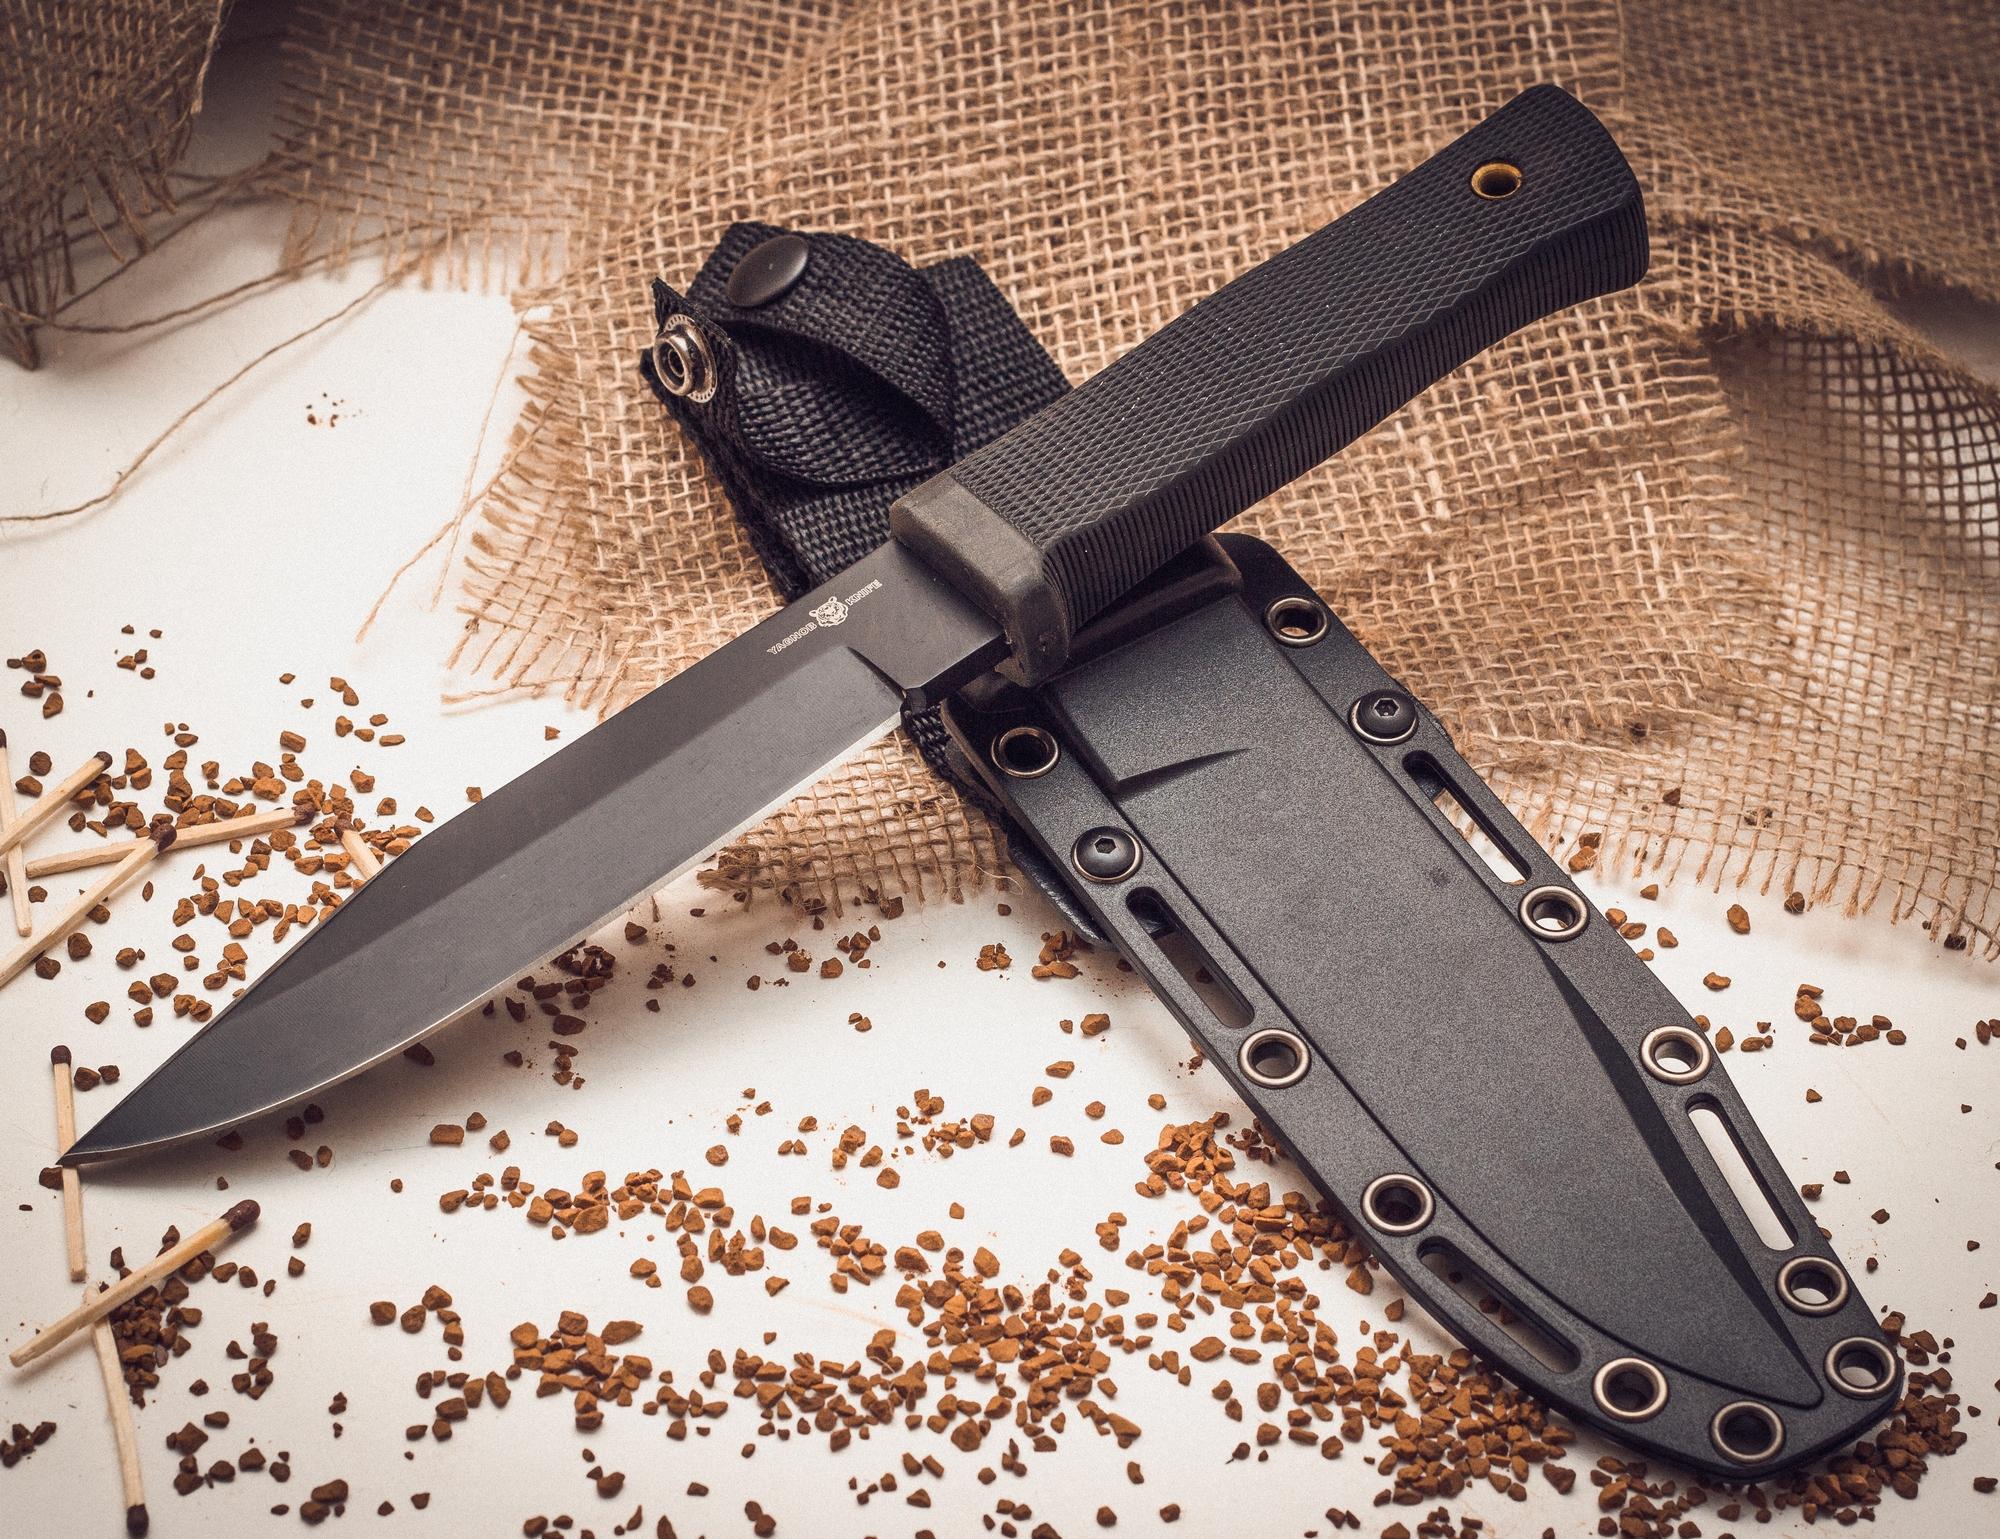 Тактический нож Yagnob, напоясныйТактические ножи<br>Нож тактический Yagnob YG272 клон Cold Steel SRK (38CK)<br>